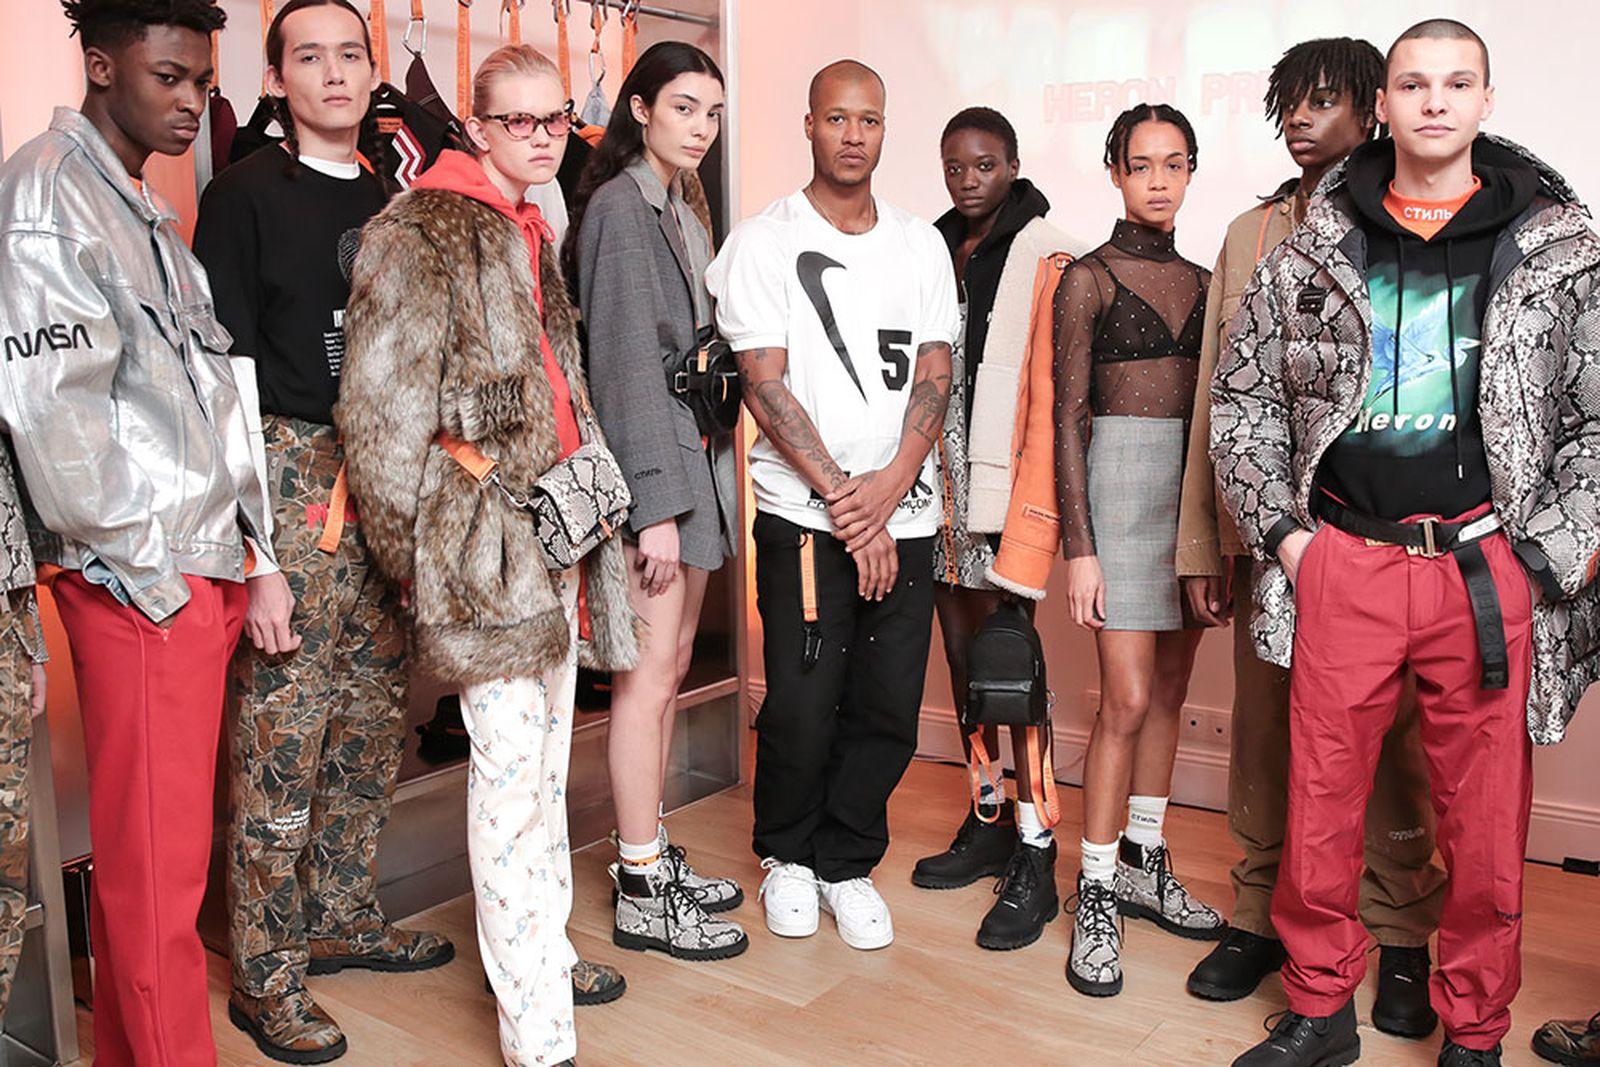 [INSERT EVENT CAPTION HERE] Heron Preston paris fashion week runway